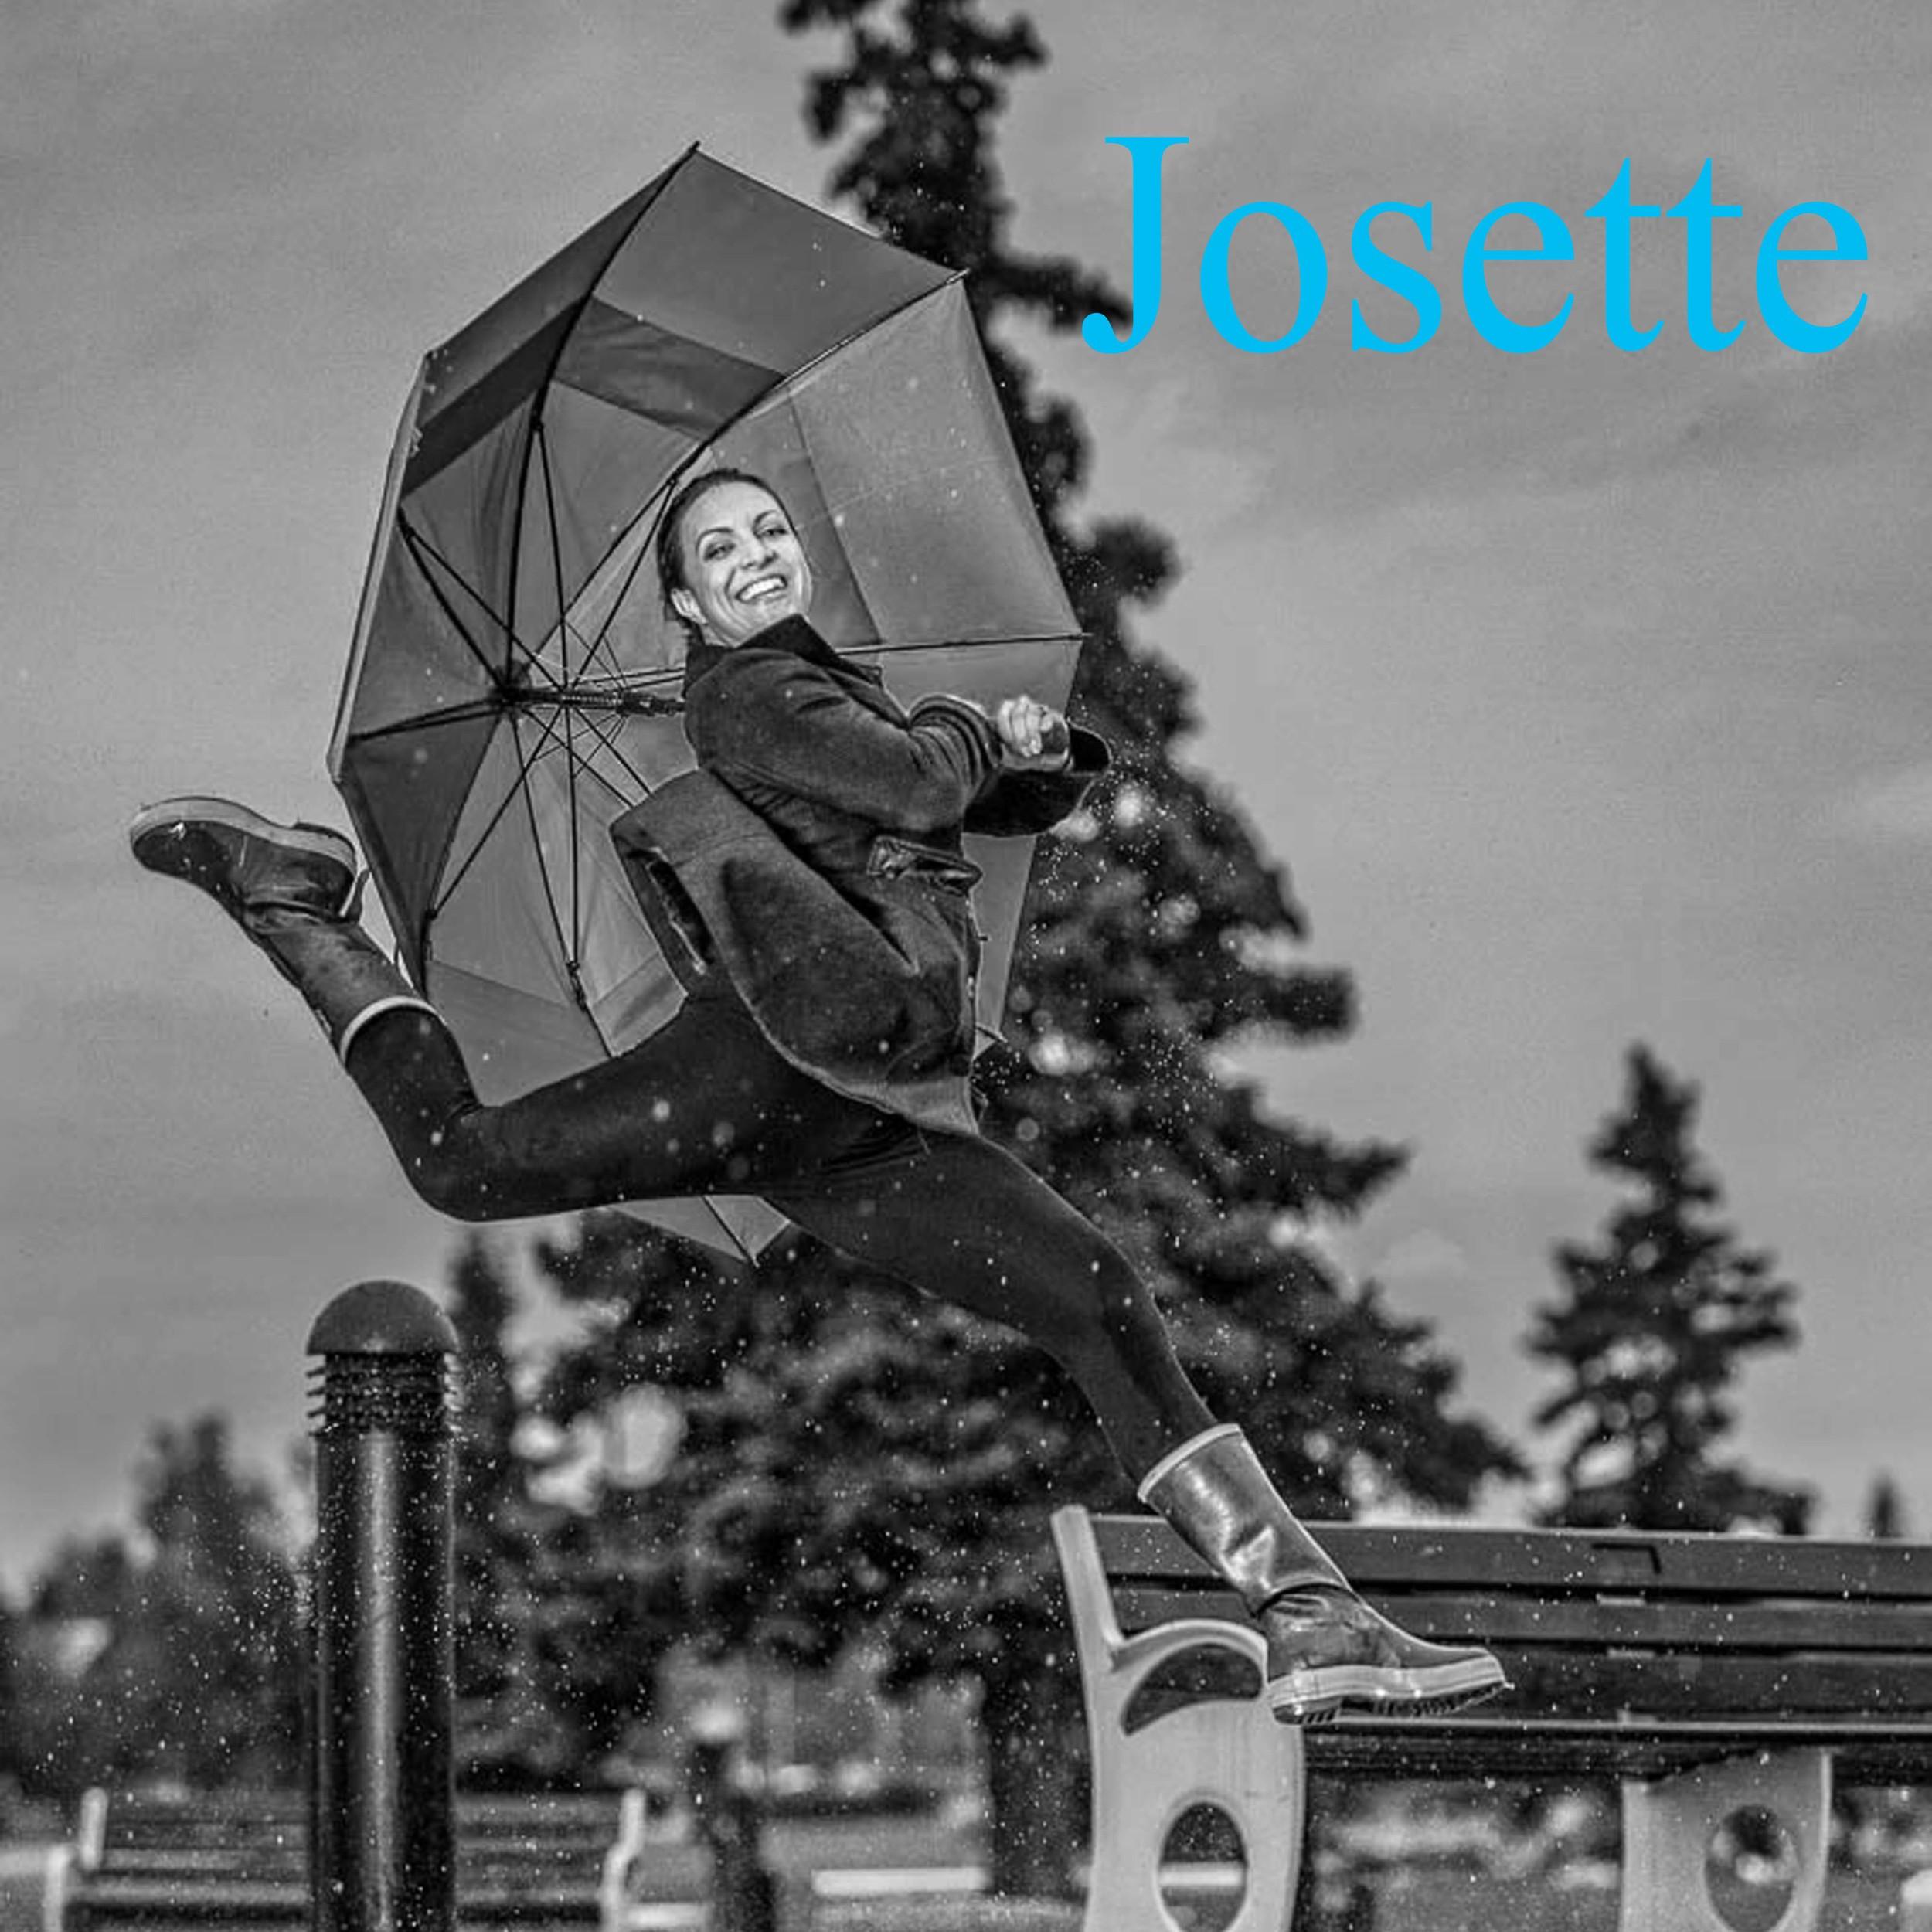 Josette Serrill